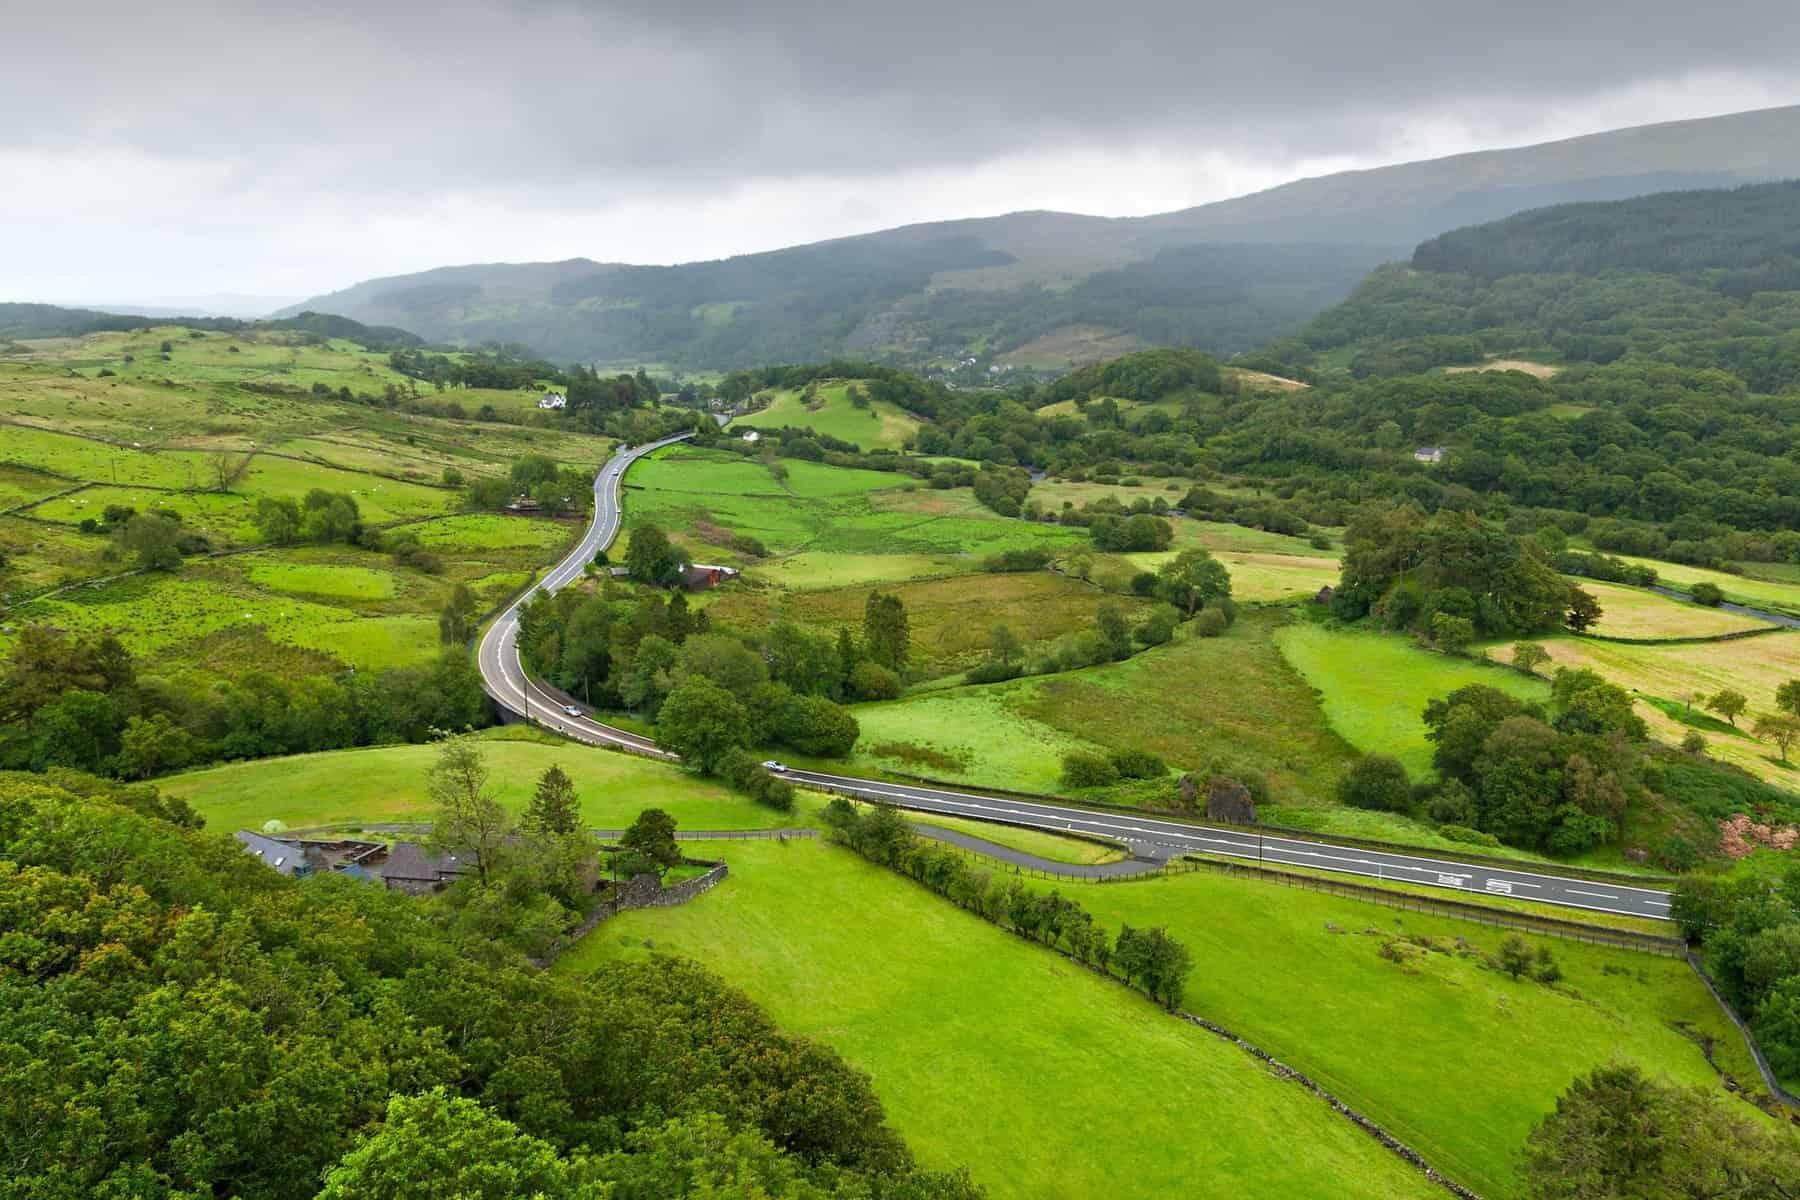 Nyt fra Wales. Rejser til Wales. Snowdonia, Wales